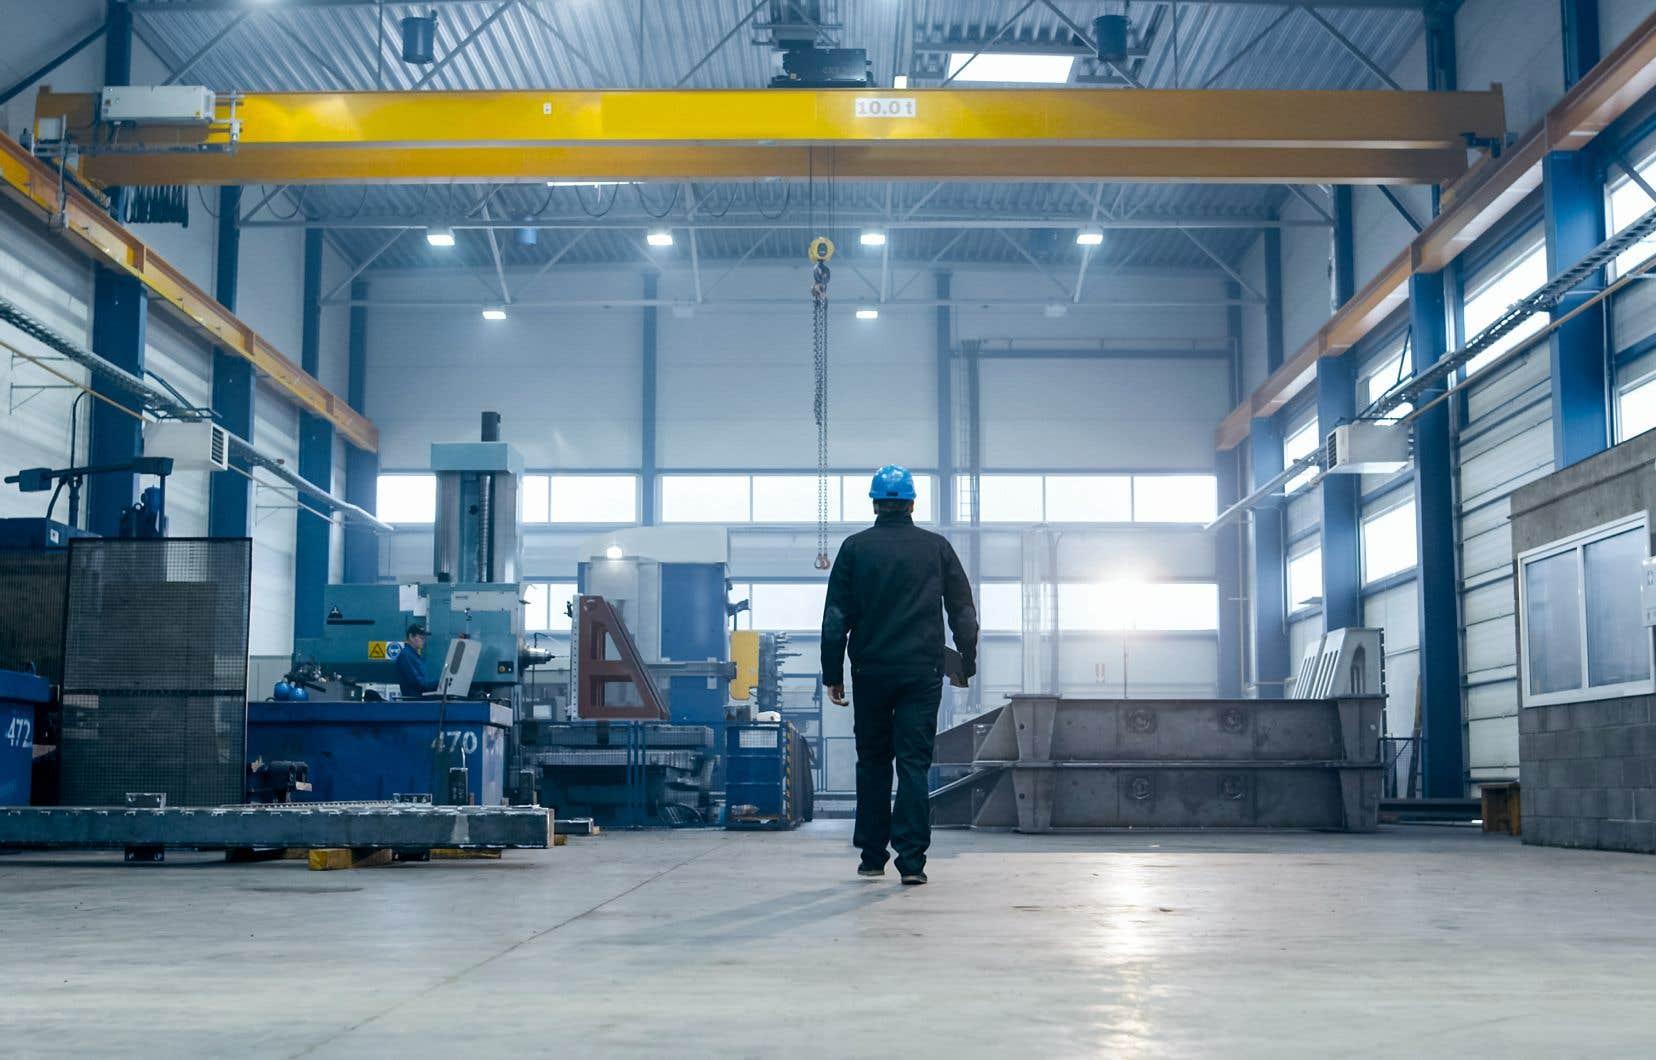 Pénurie de main-d'œuvre: le secteur manufacturier québécois aurait perdu 18milliards en deux ans